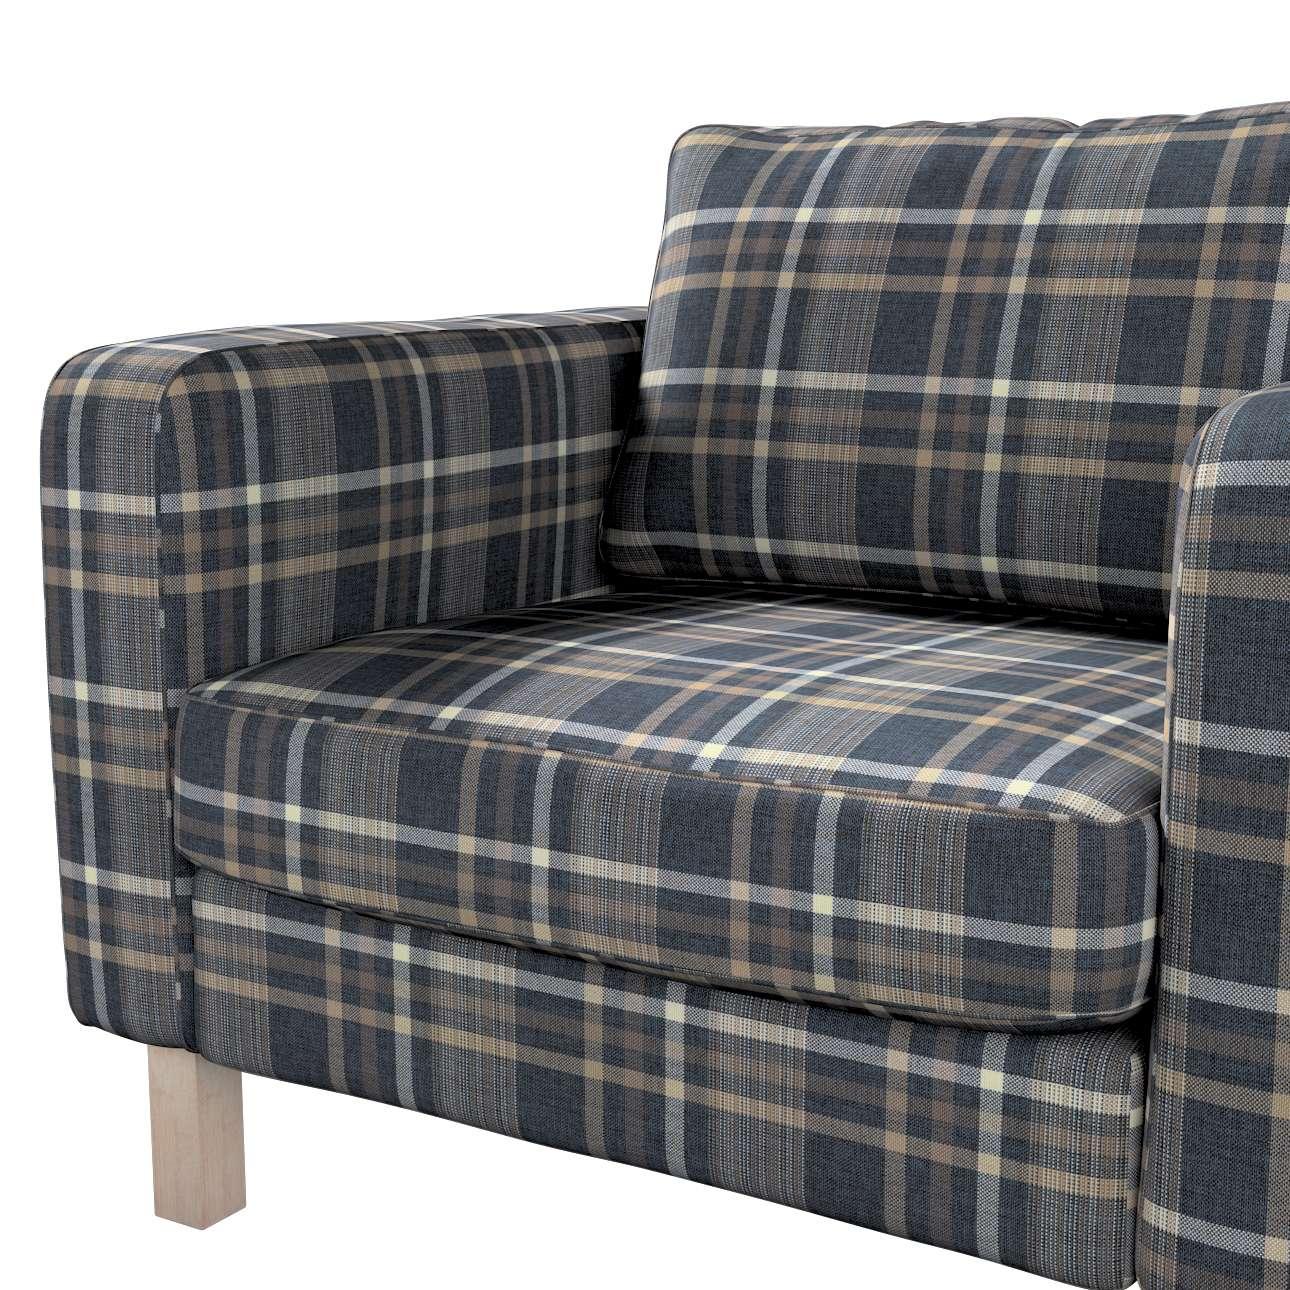 Pokrowiec na fotel Karlstad, krótki w kolekcji Edinburgh, tkanina: 703-16